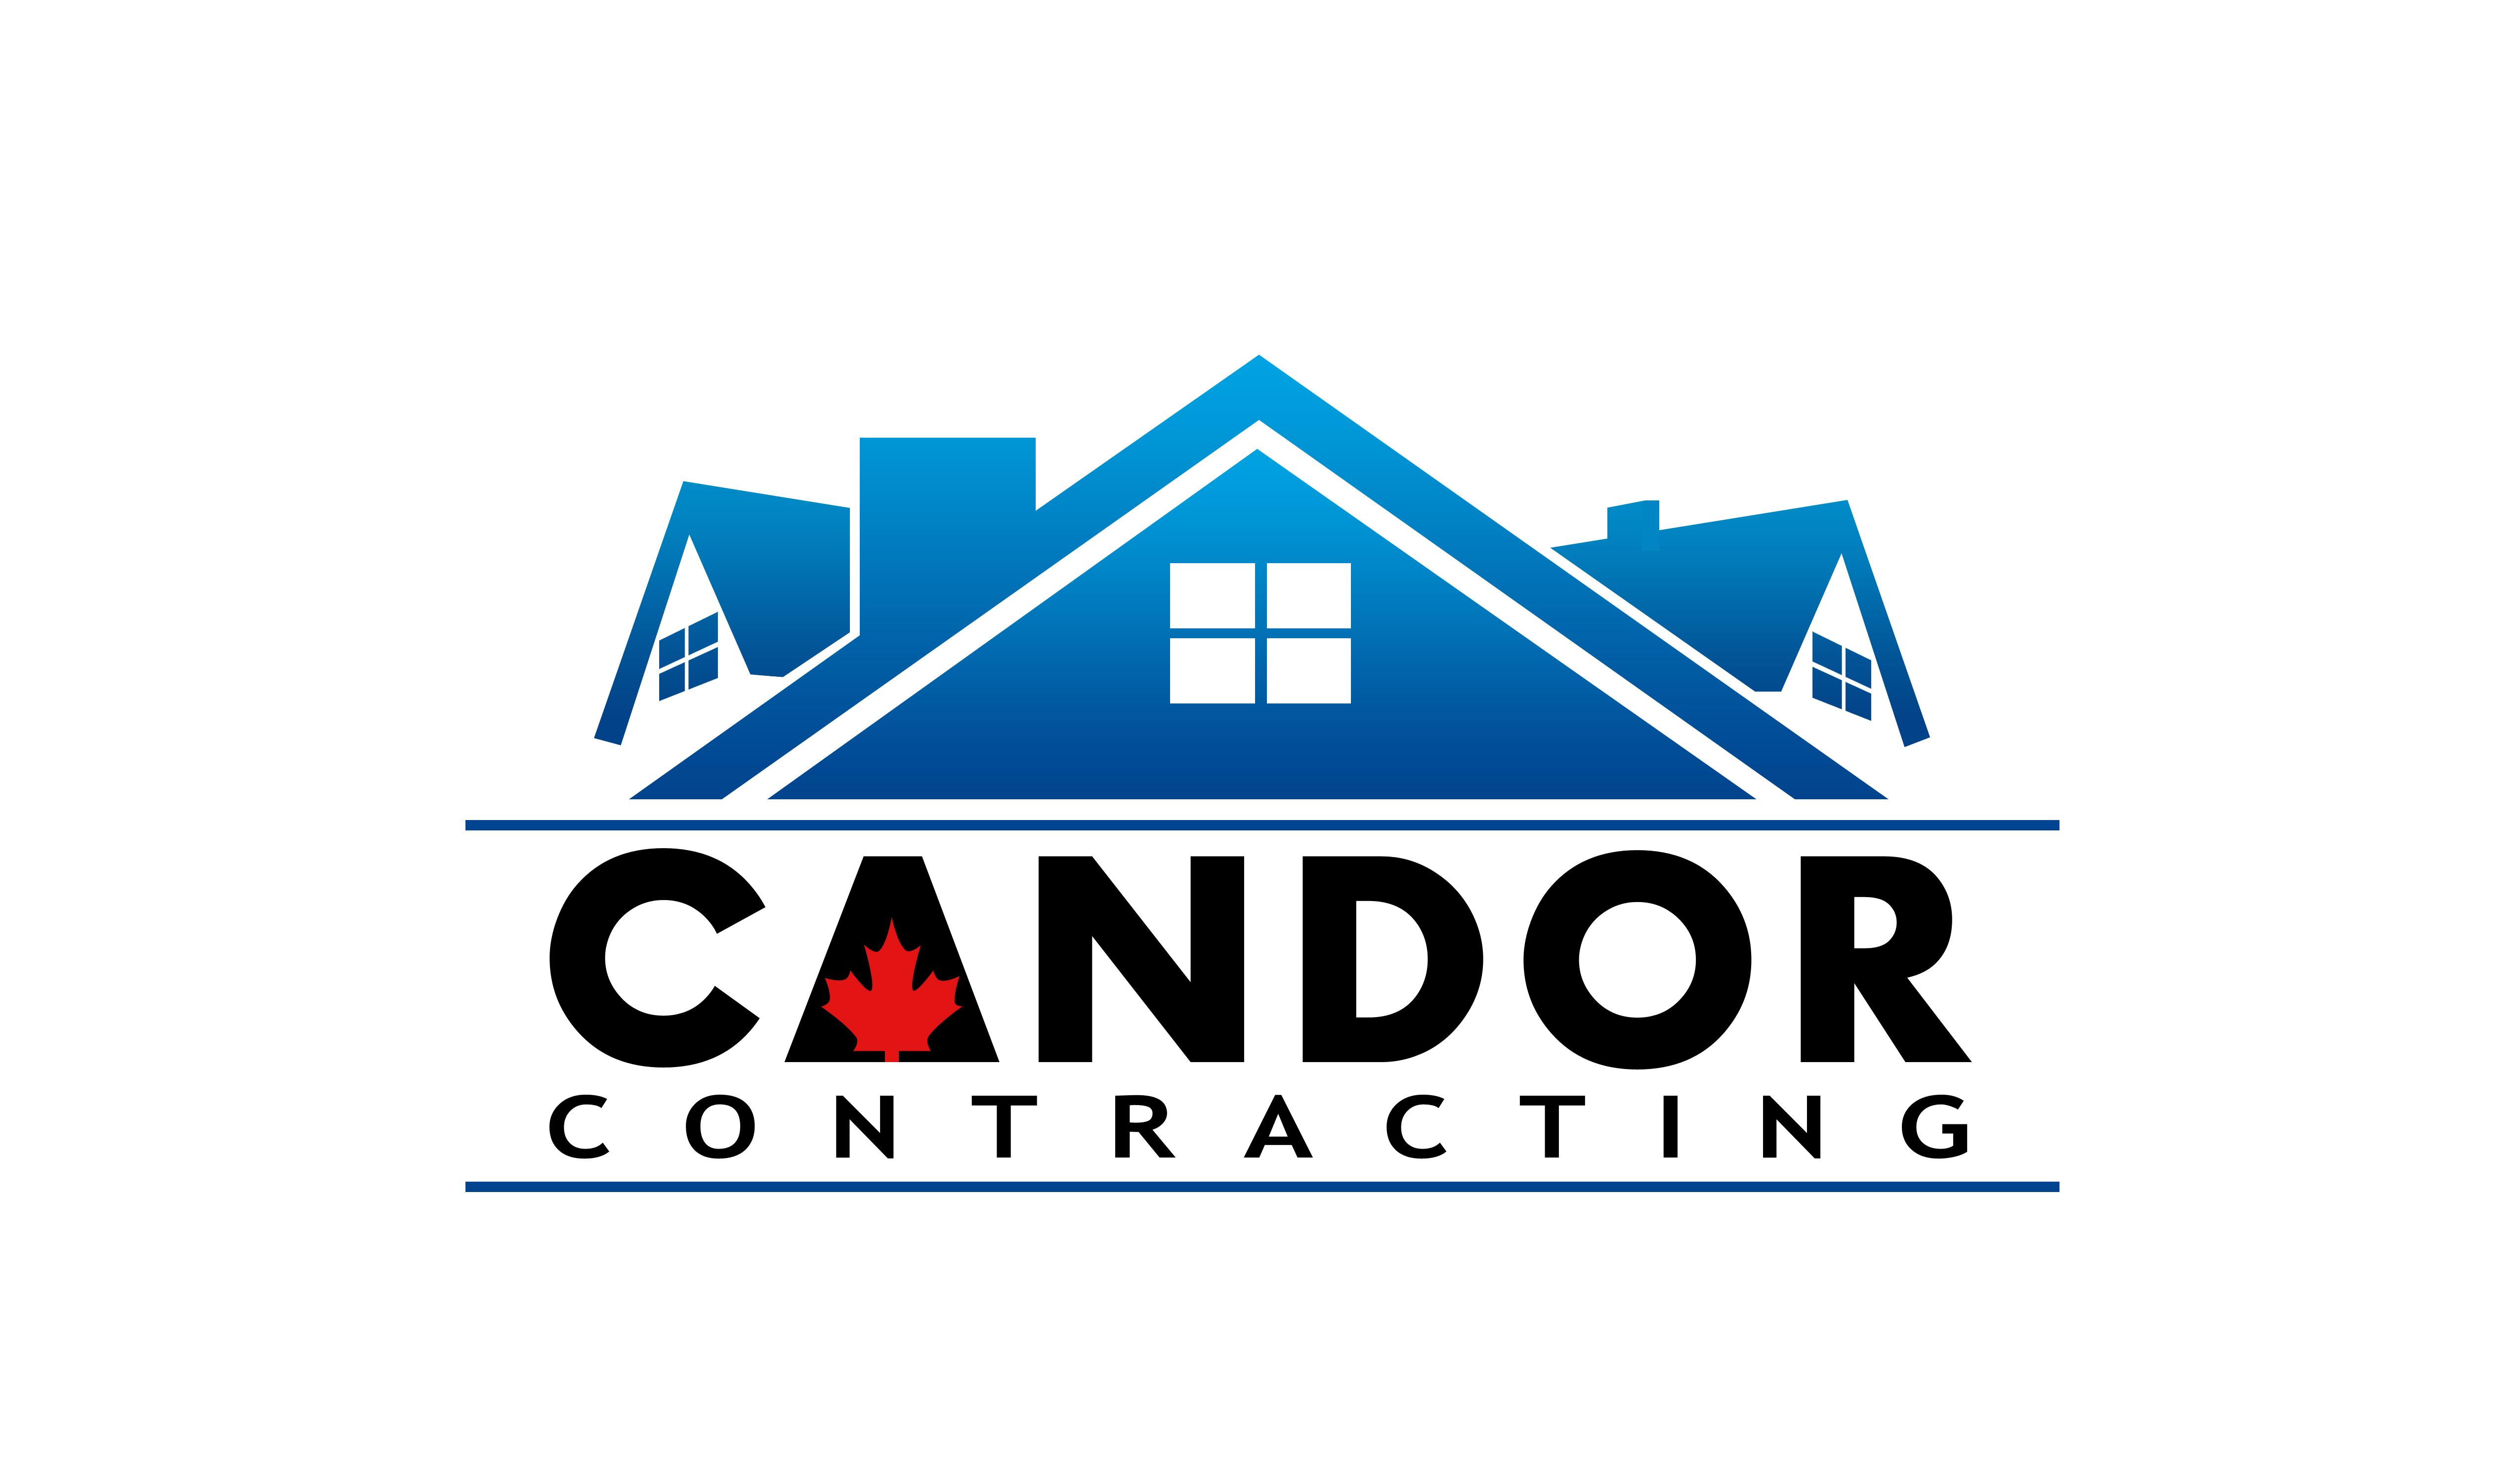 contractor logos contractor real estate logo logos 30